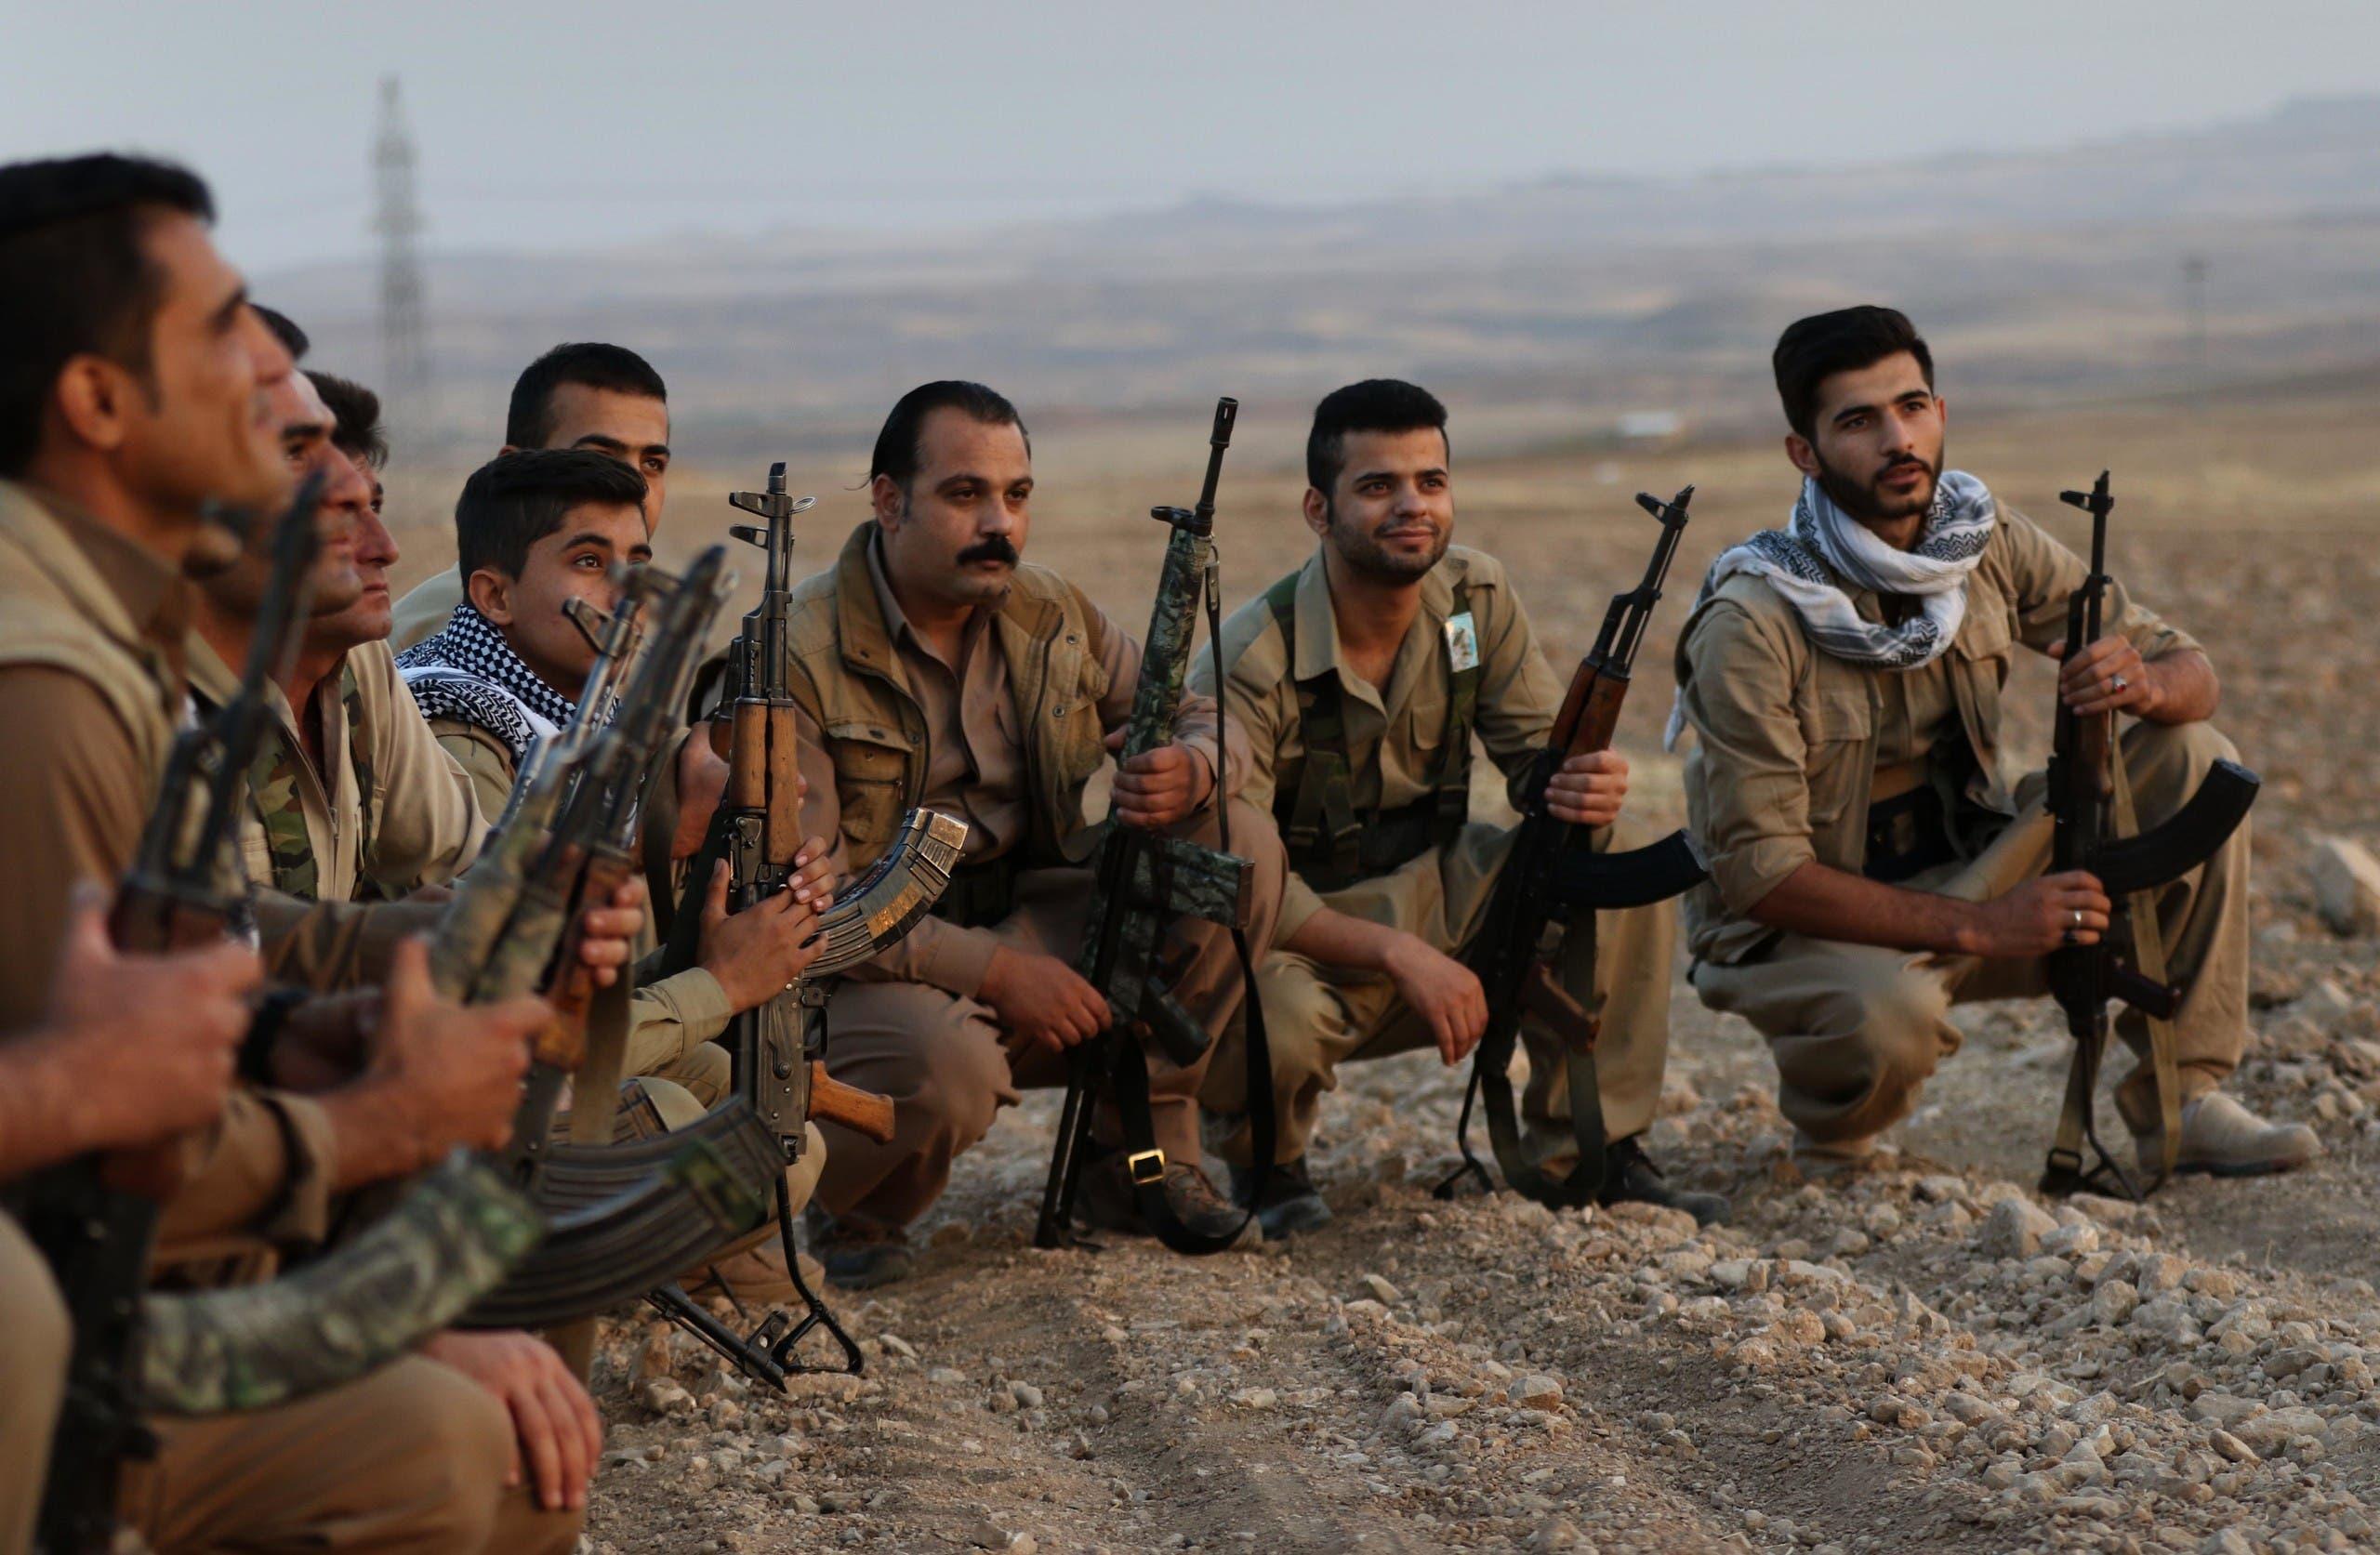 تدريب عسكري في كرستان العراق لعناصر من مجموعة كردية إيرانية معارضة (أرشيفية)